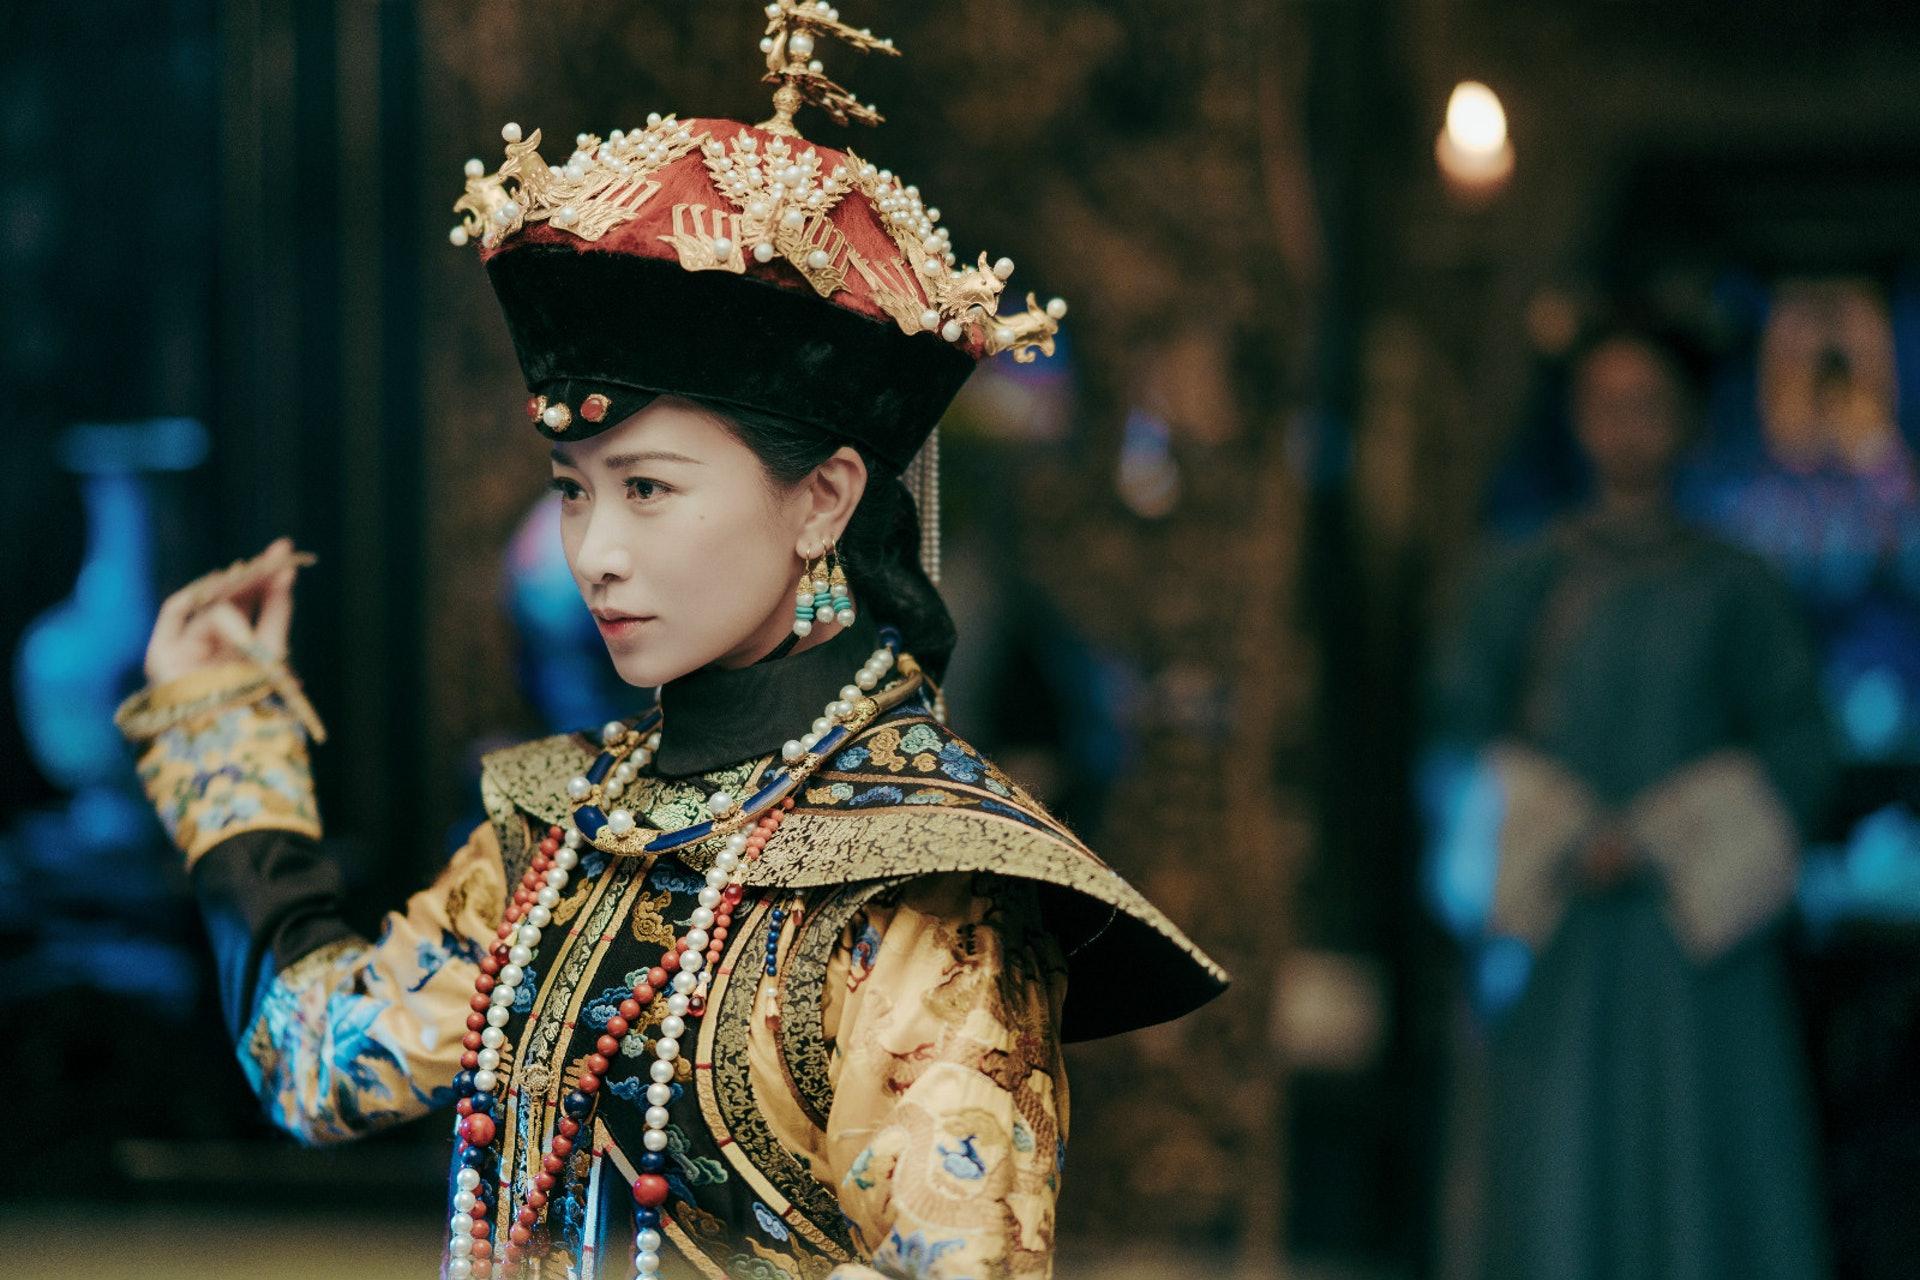 熱巴表示最想演出惡毒皇后,亦即是佘詩曼《延禧》的嫻妃角色。(劇照)